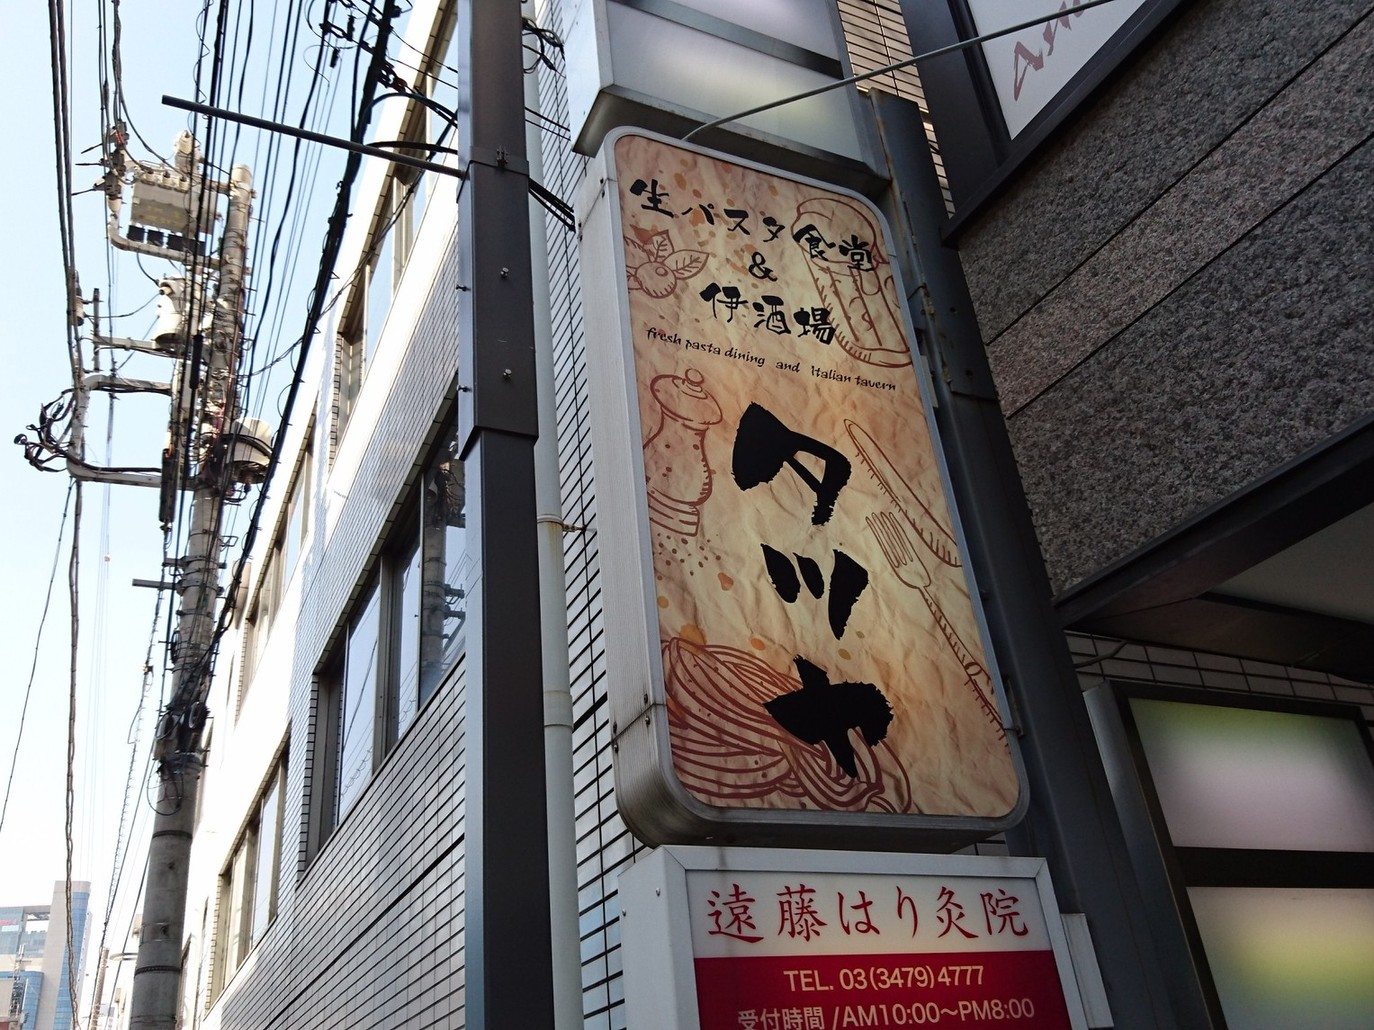 生パスタ食堂&伊酒場 タツヤ